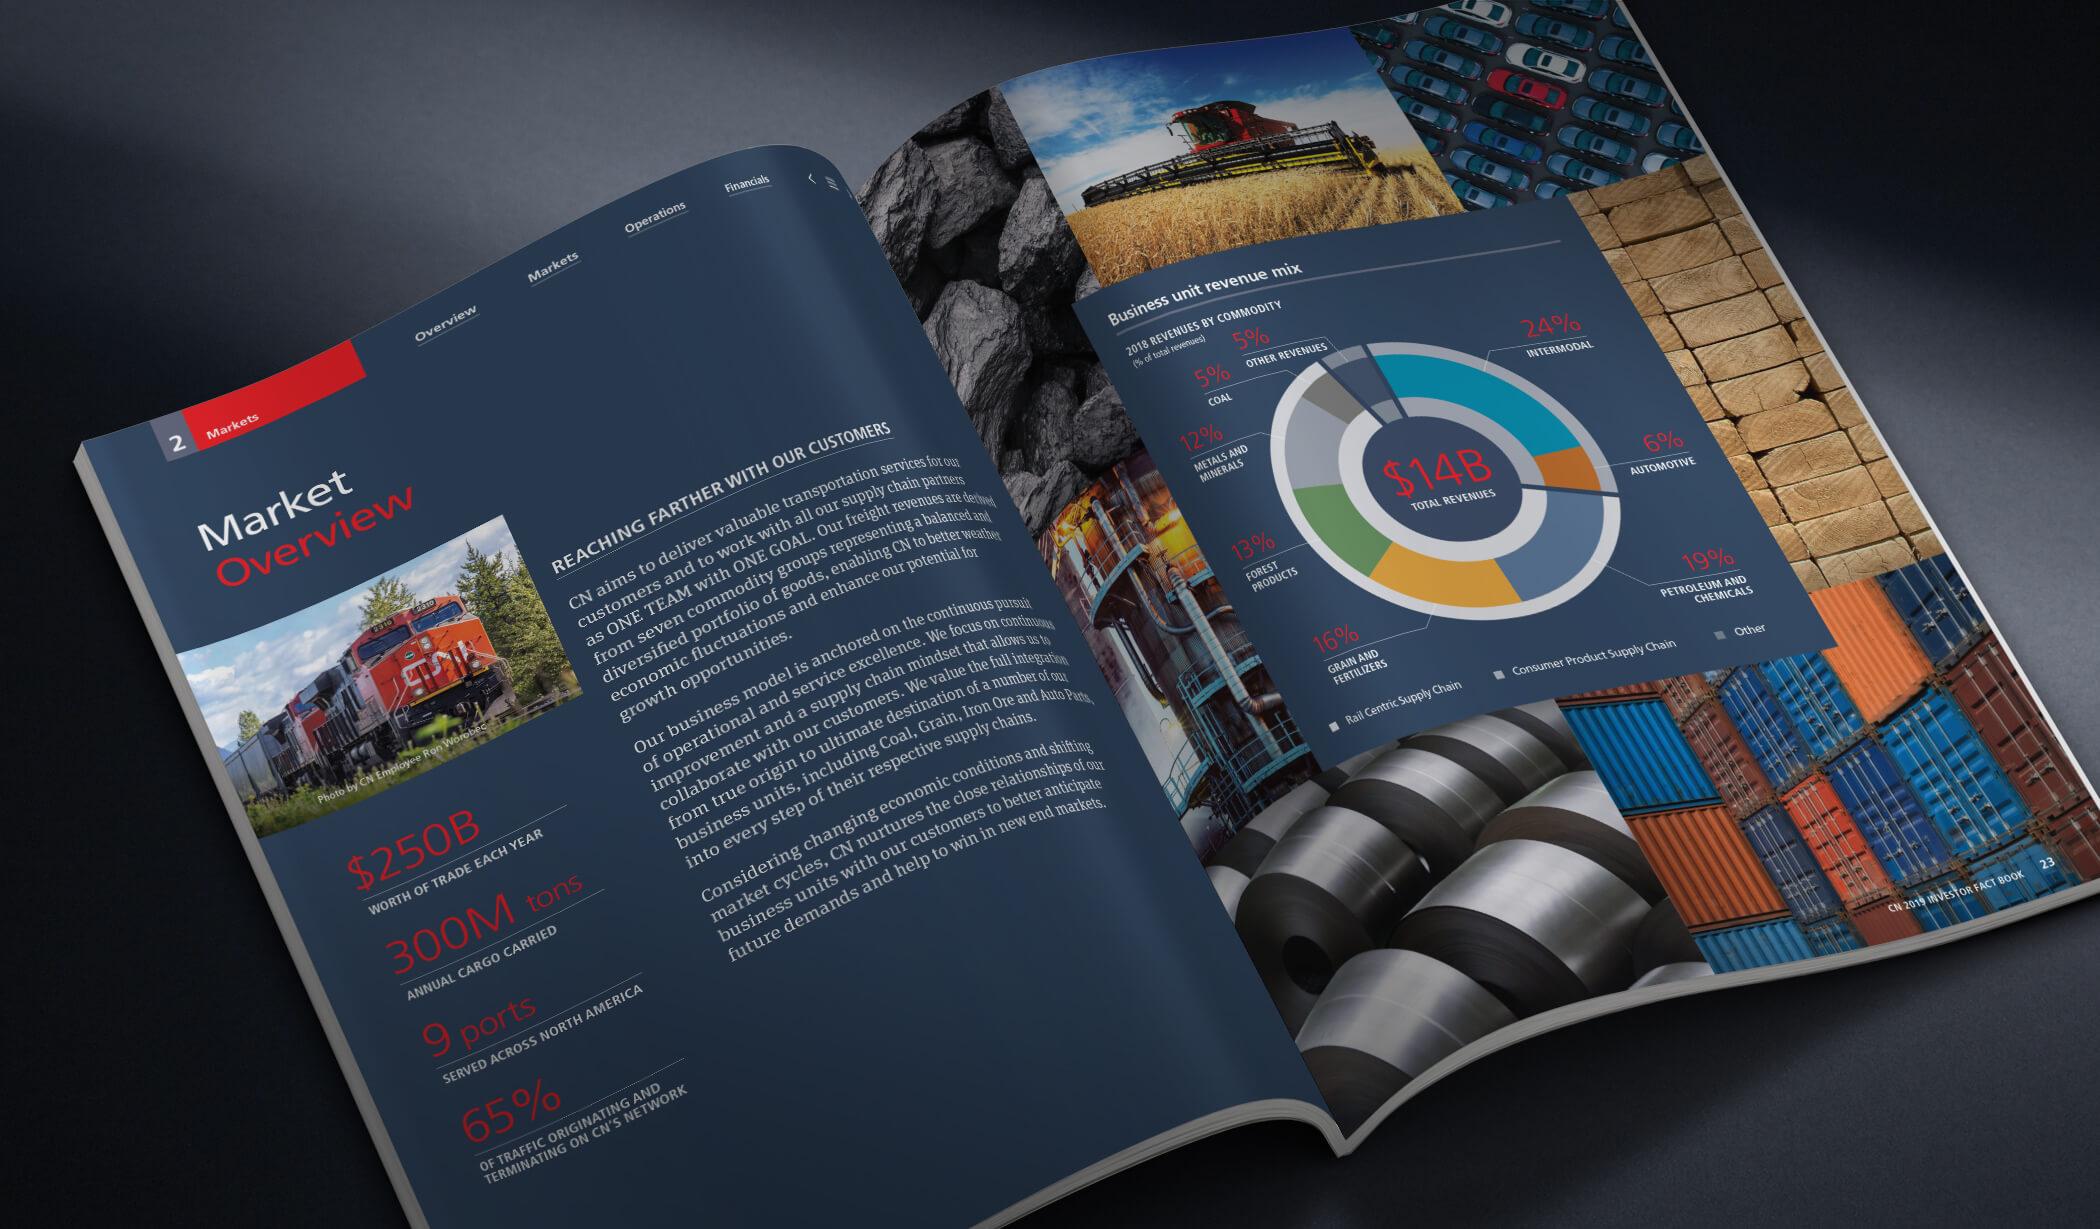 CN_IFB19_Markets_Overview_v3